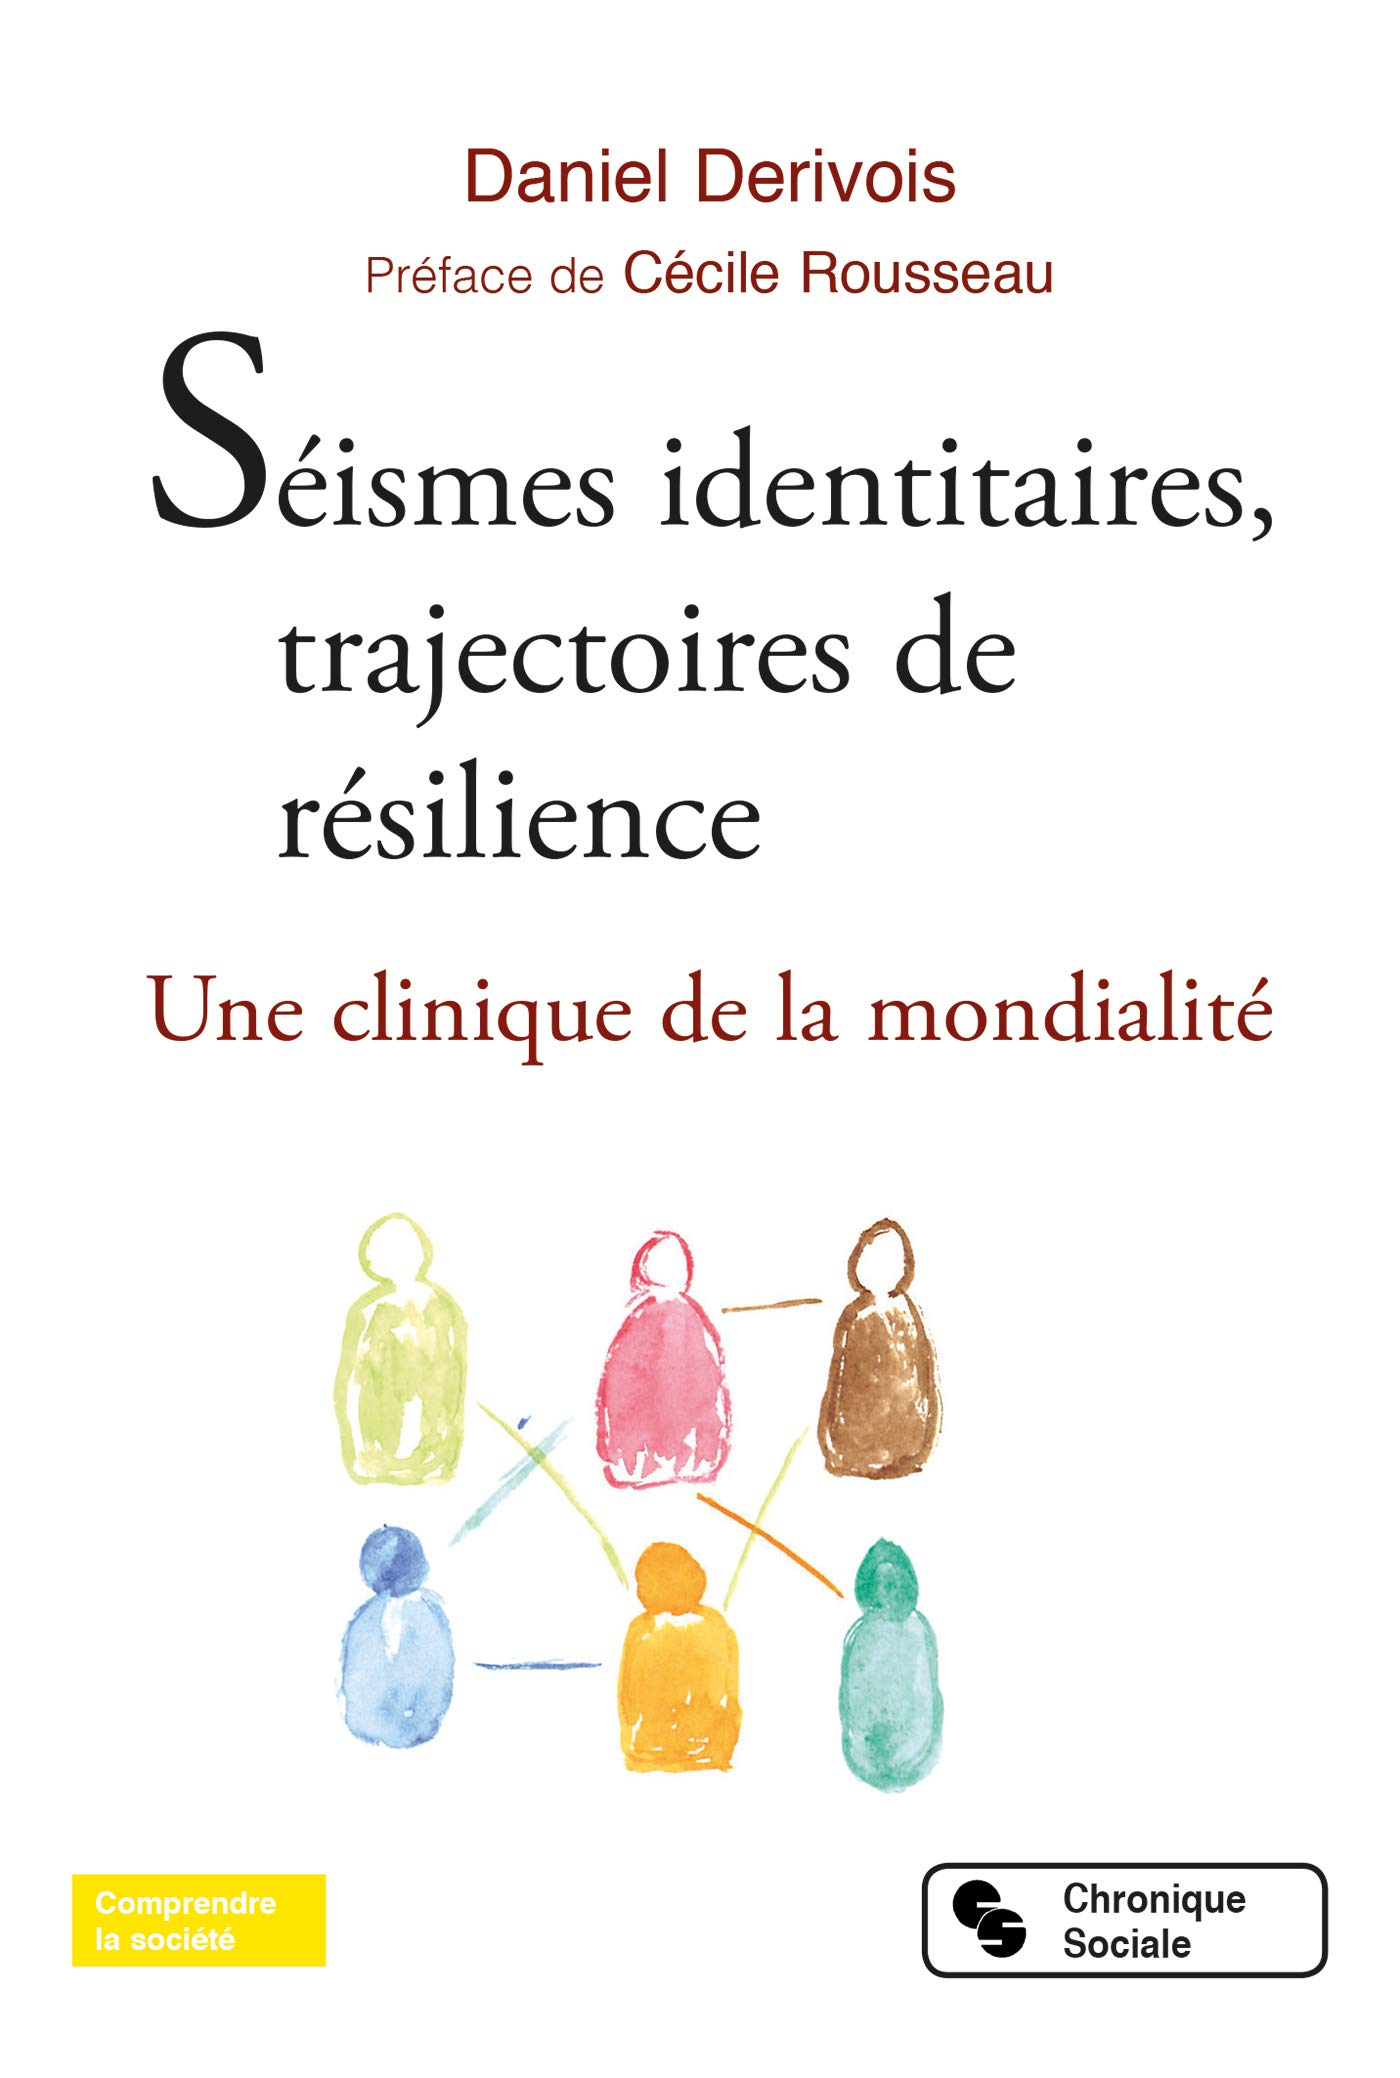 Séismes identitaires, trajectoires de résilience. Une clinique de la mondialité